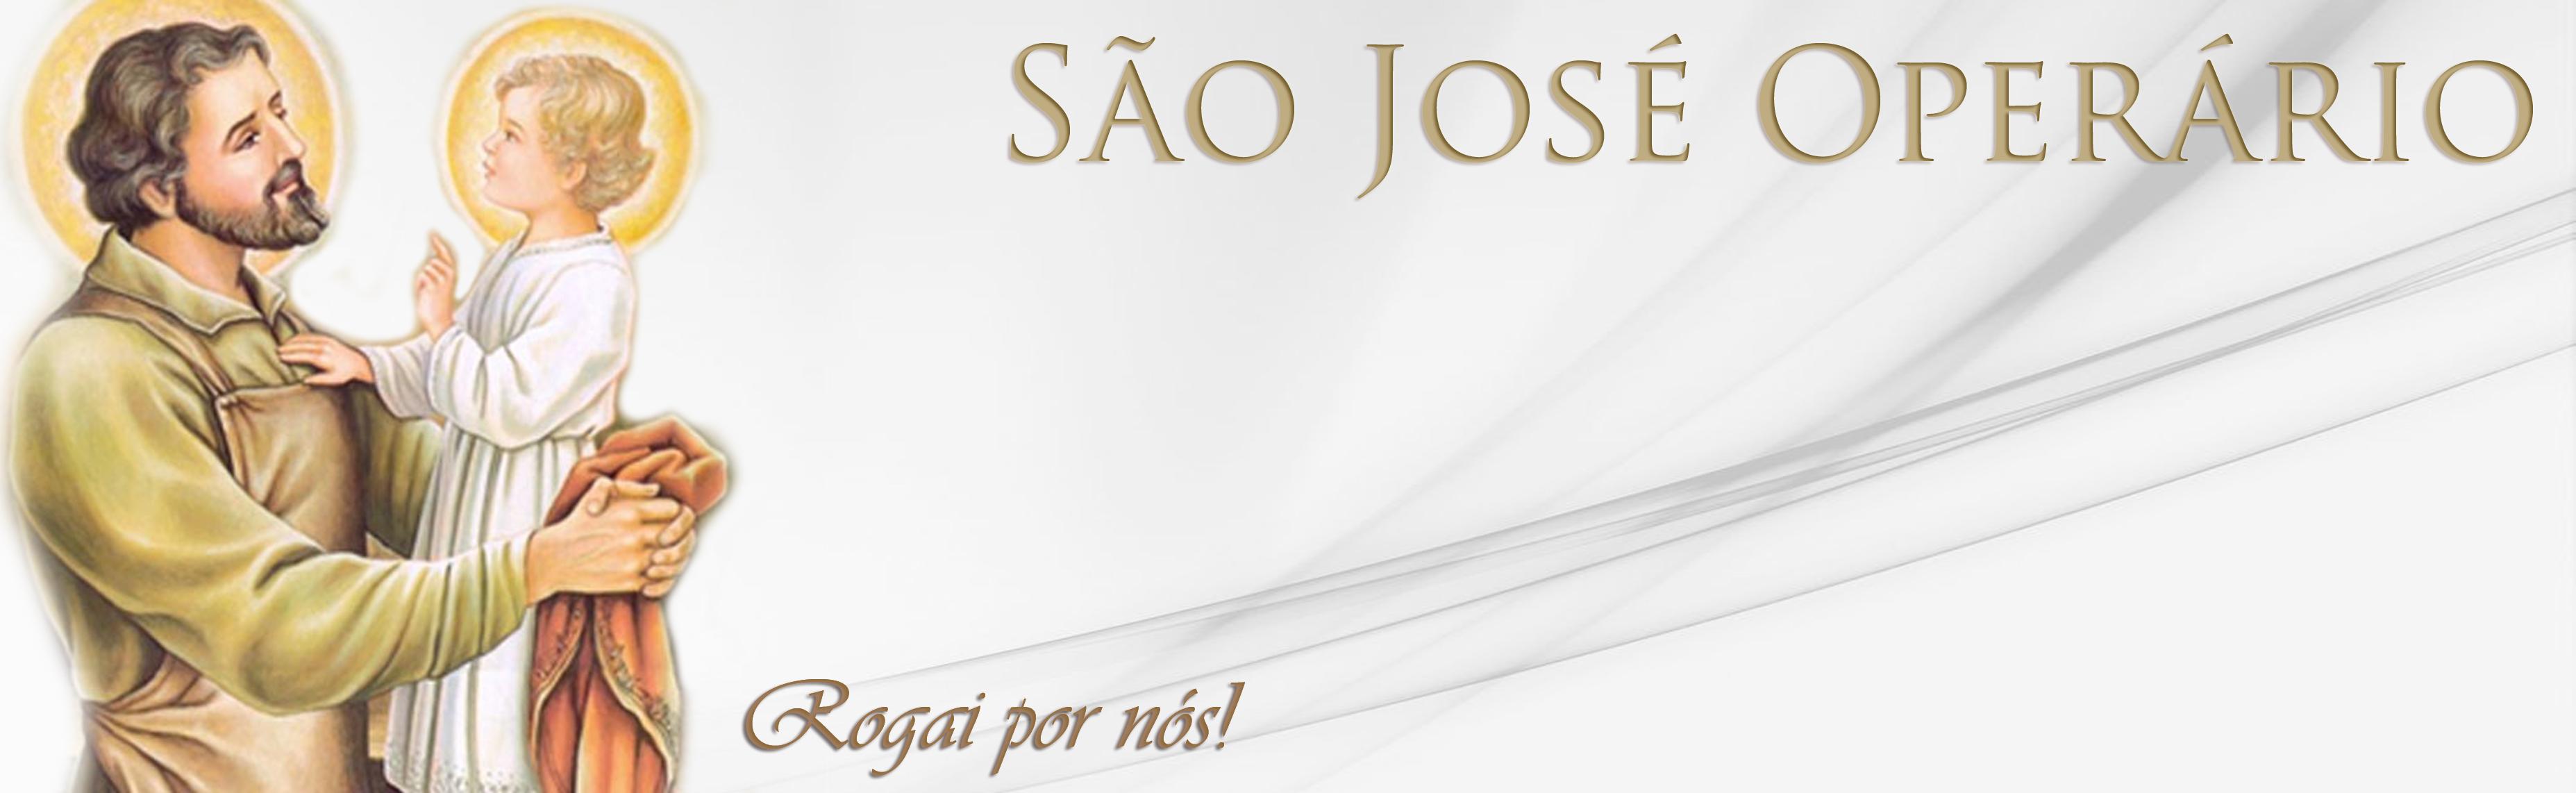 1º de Maio   Dia de São José Operário   Dia do Trabalho